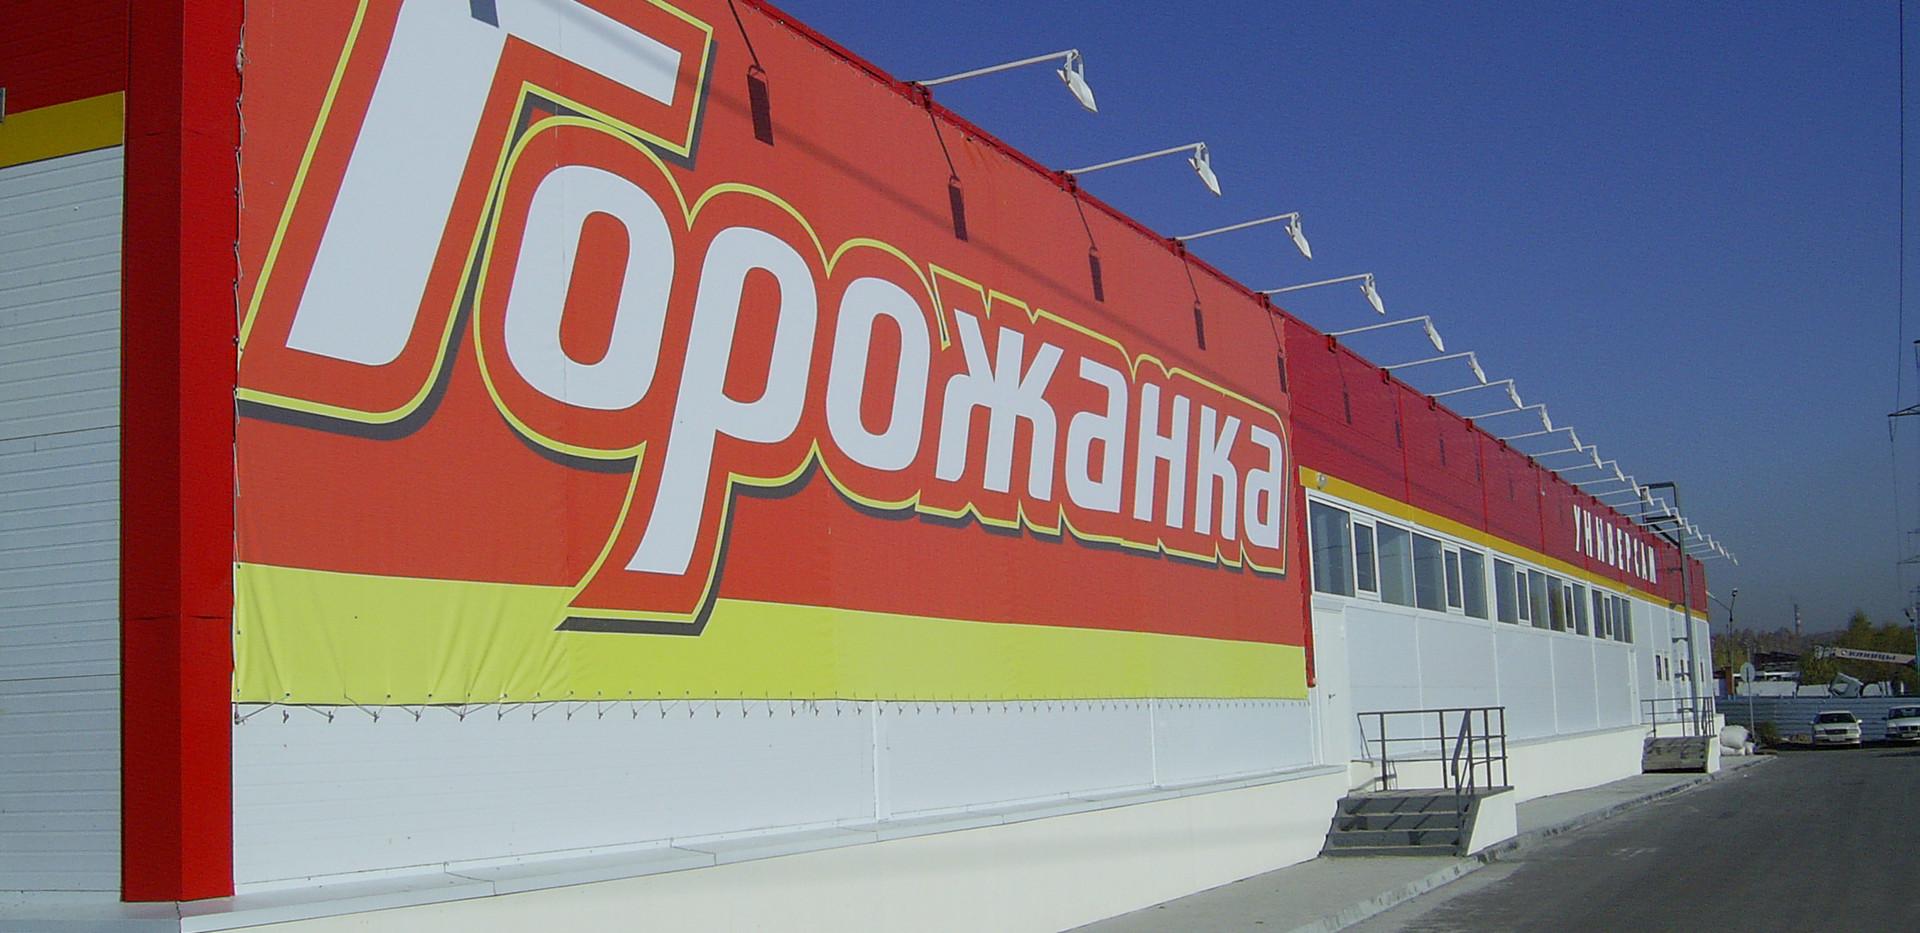 универсам горожанка г. Новосибирск.JPG